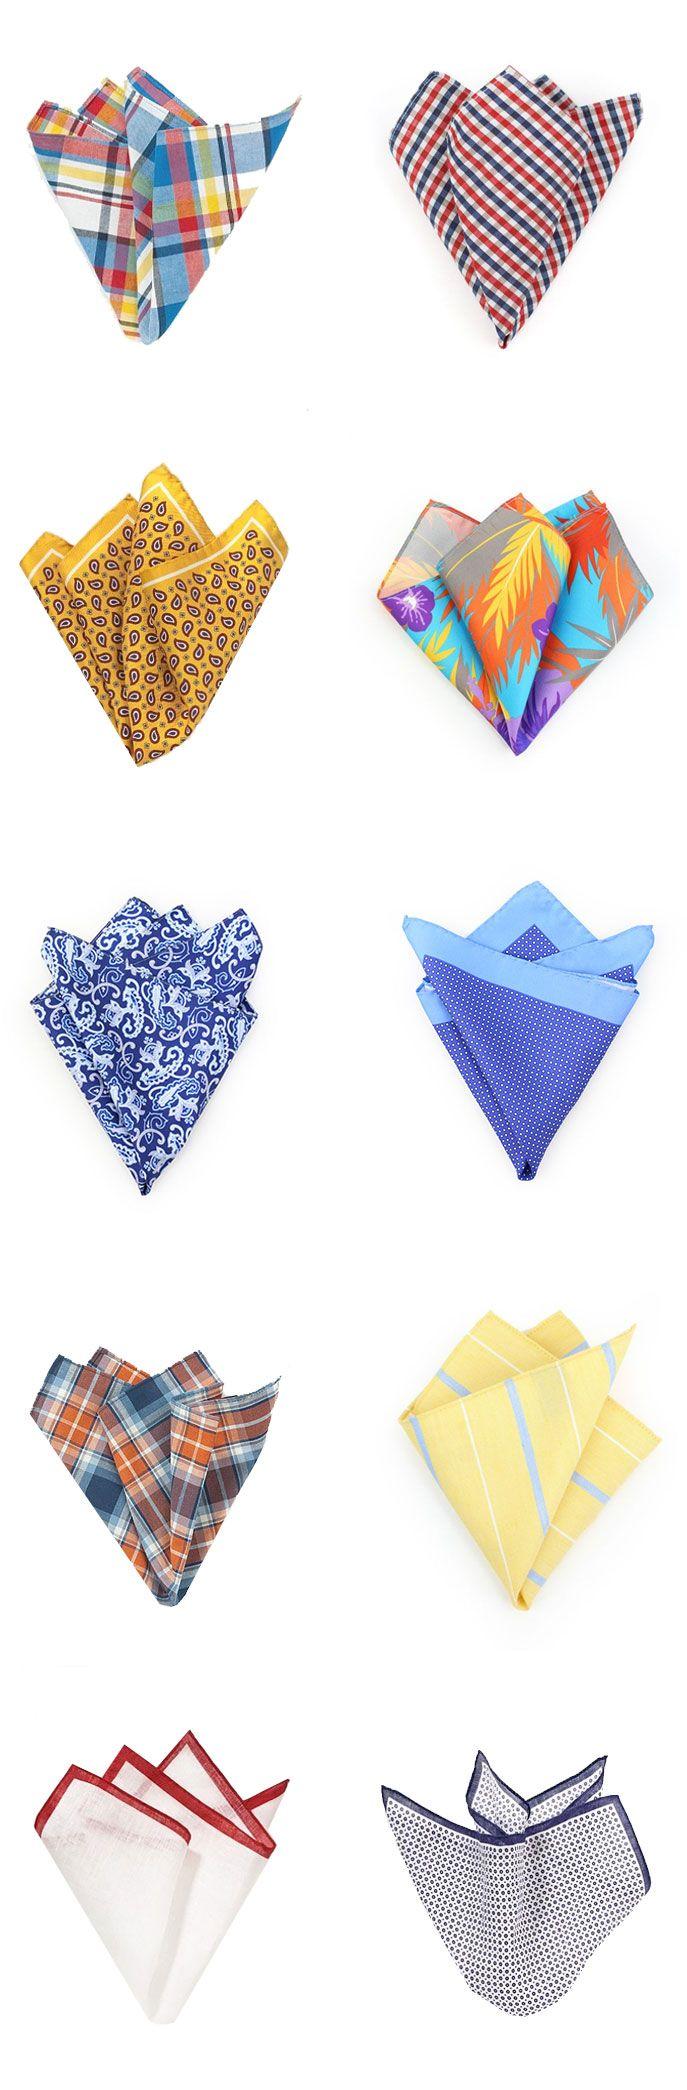 The best pocket squares for Spring!